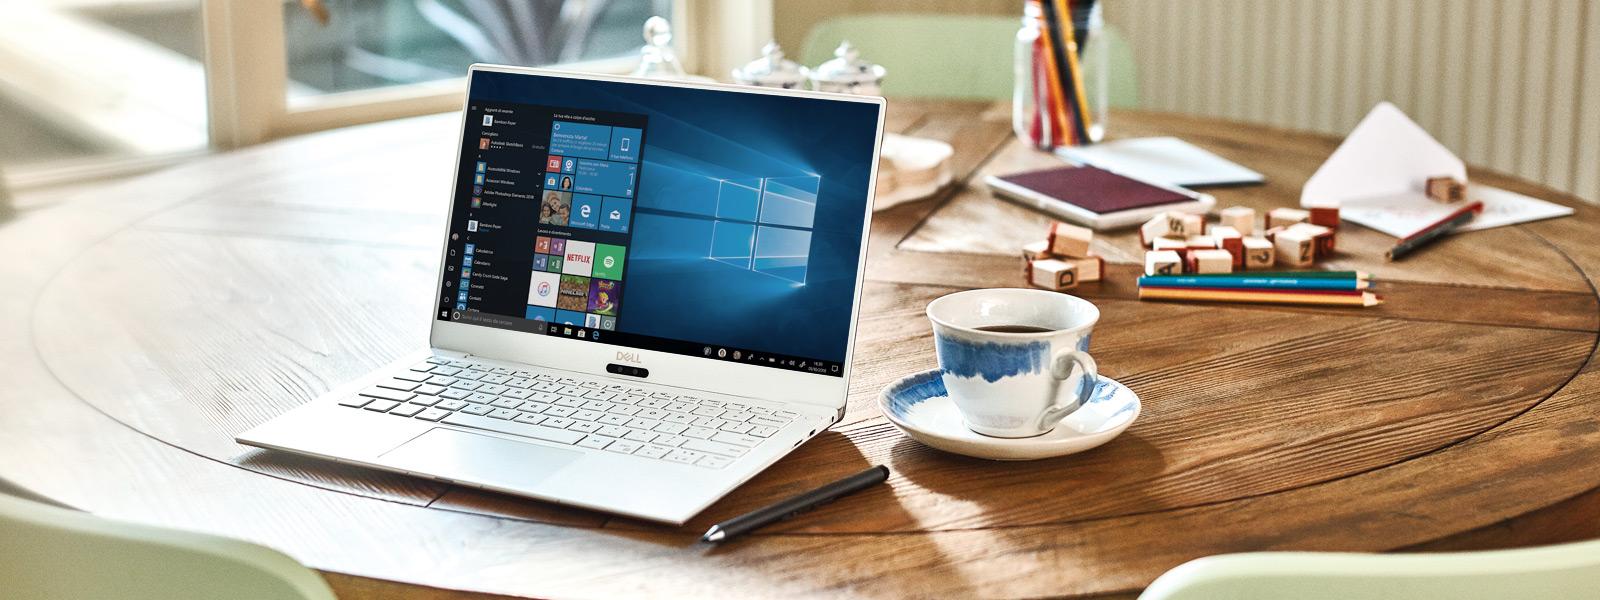 Un portatile Dell XPS 13 9370 aperto su un tavolo con la schermata Start di Windows 10.